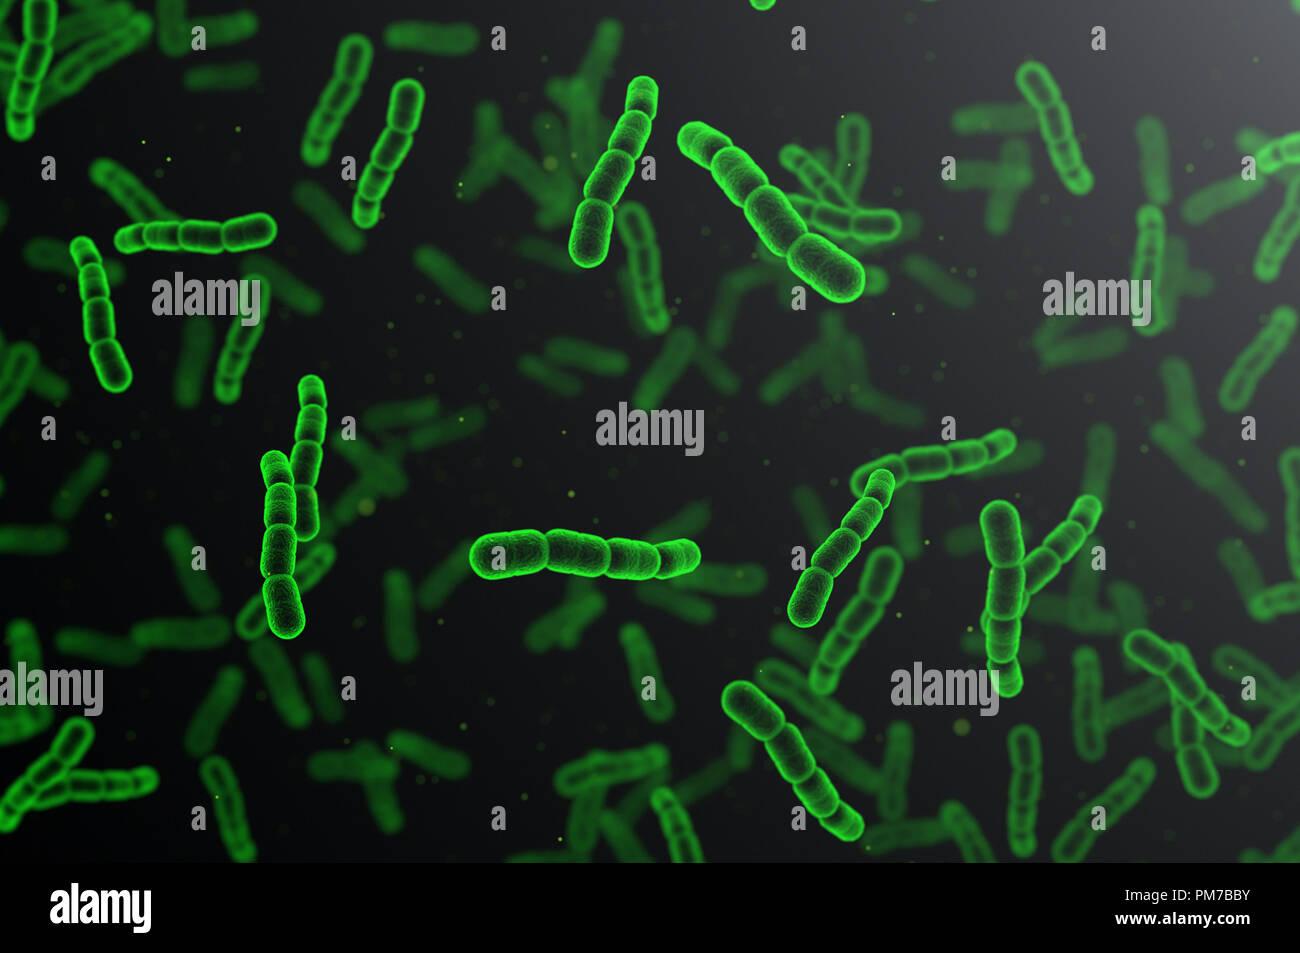 Streptococcus pneumoniae, grüne Zellen auf dunklem Hintergrund Stockfoto